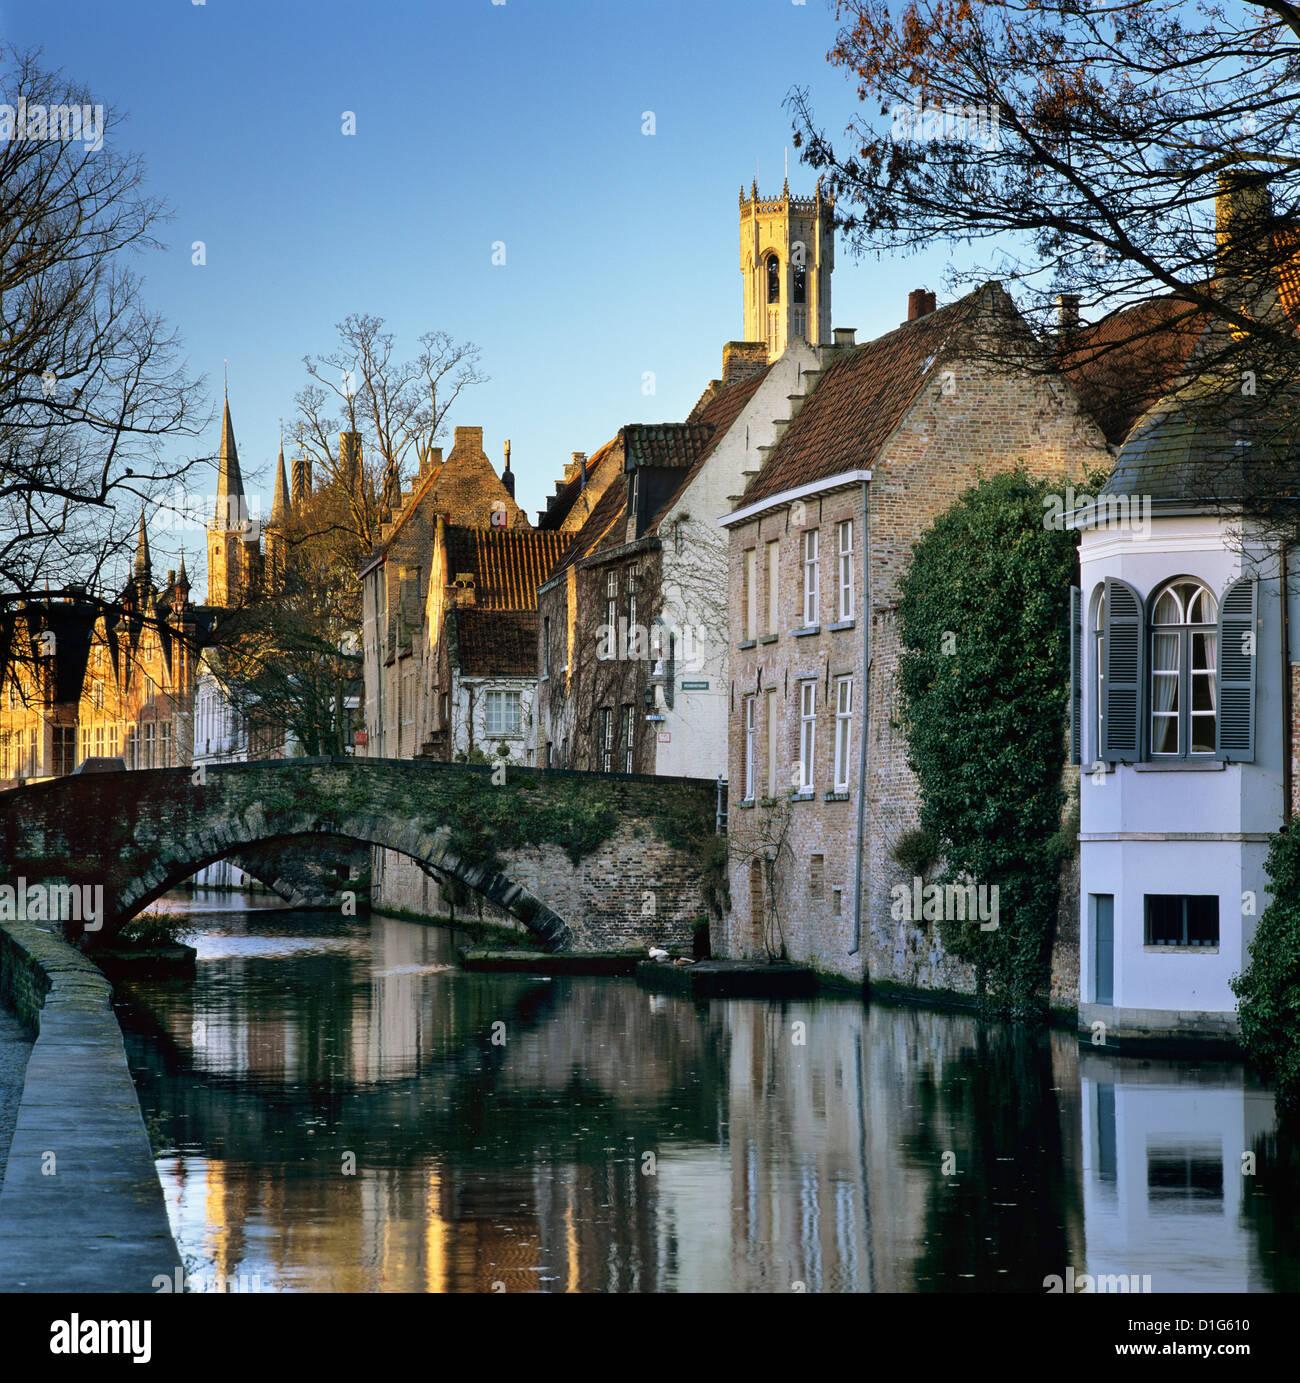 Canal view with Belfry in winter, Bruges, West Vlaanderen (Flanders), Belgium, Europe - Stock Image